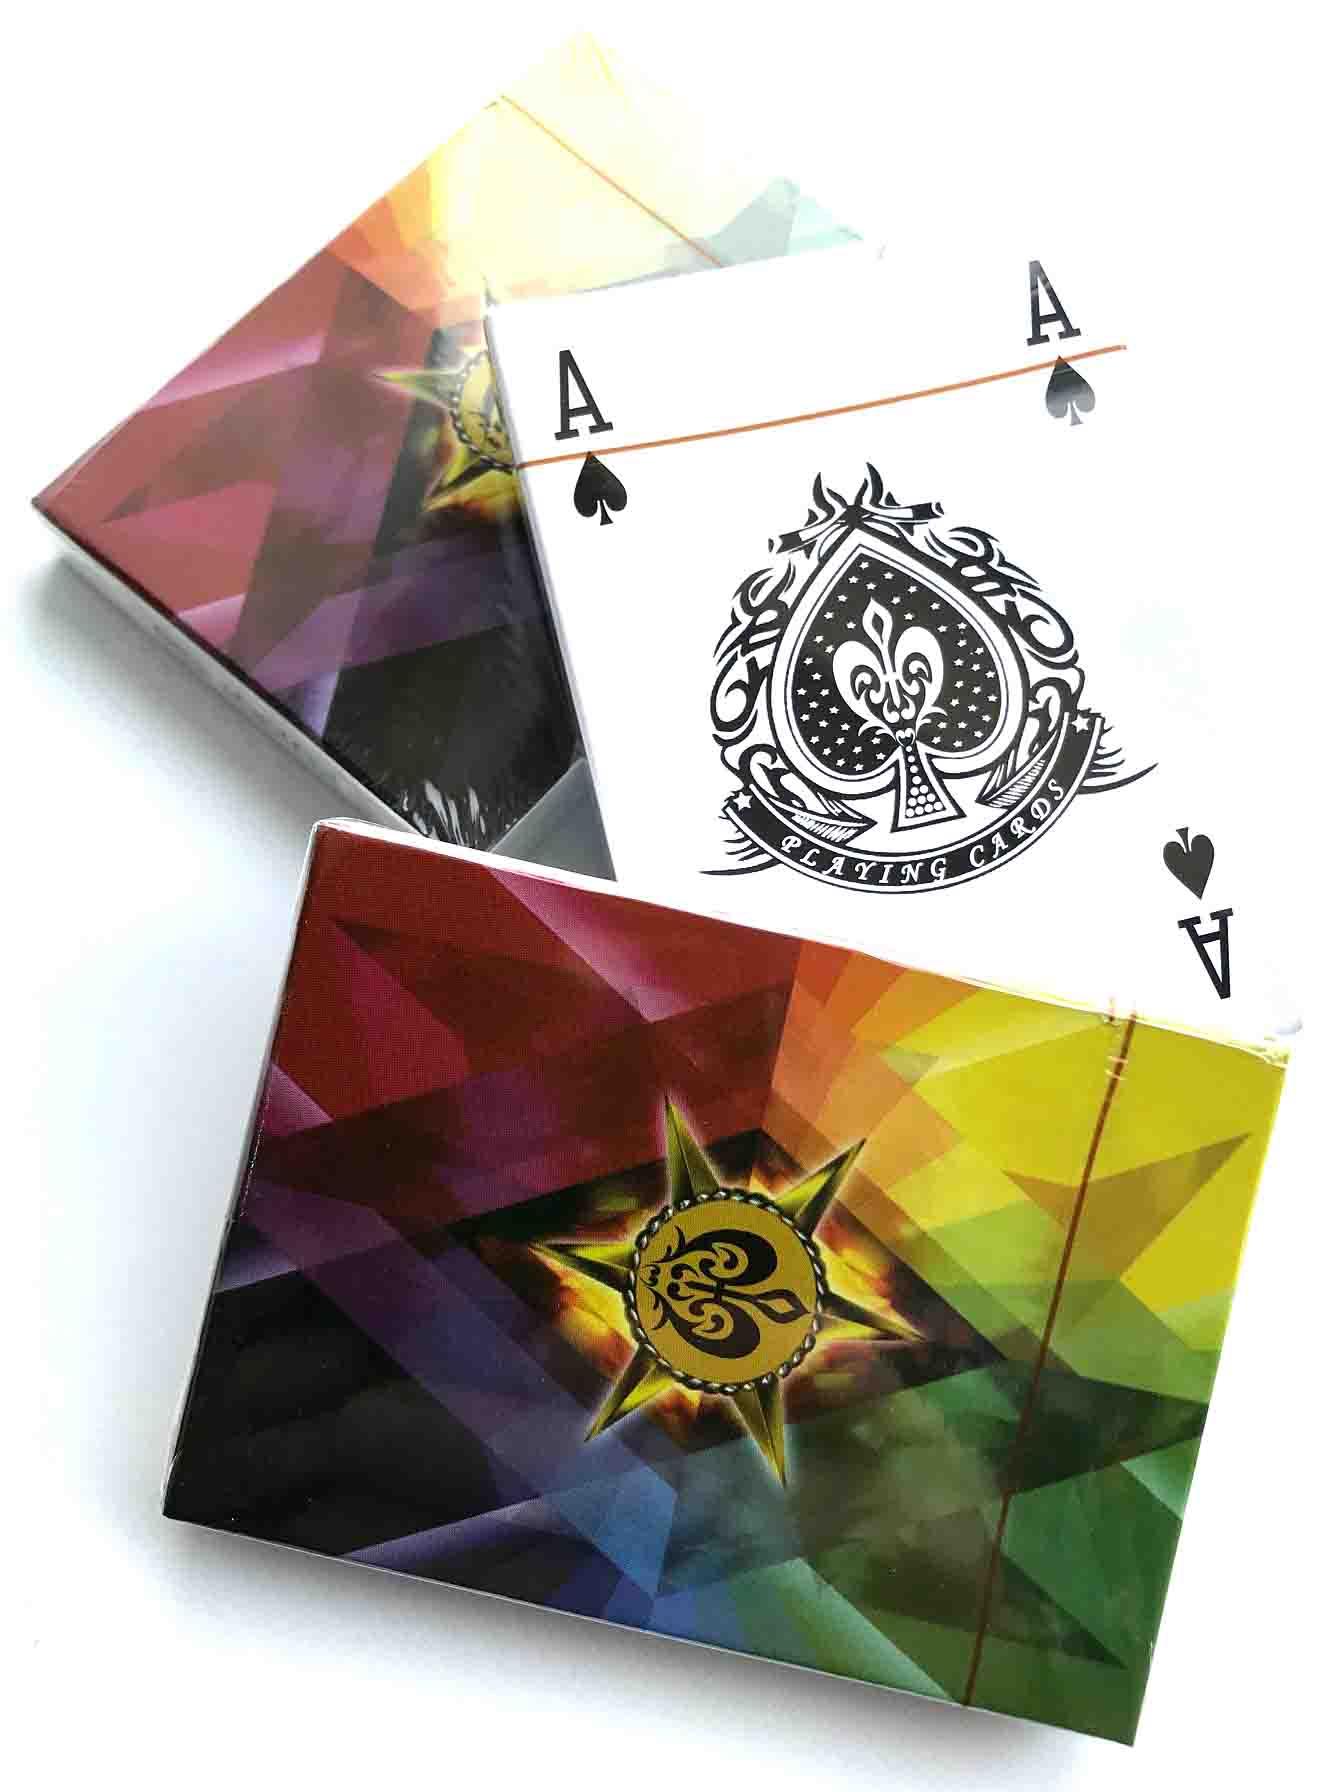 マニュピレーション・カード/Fanning and Manipulation Cards